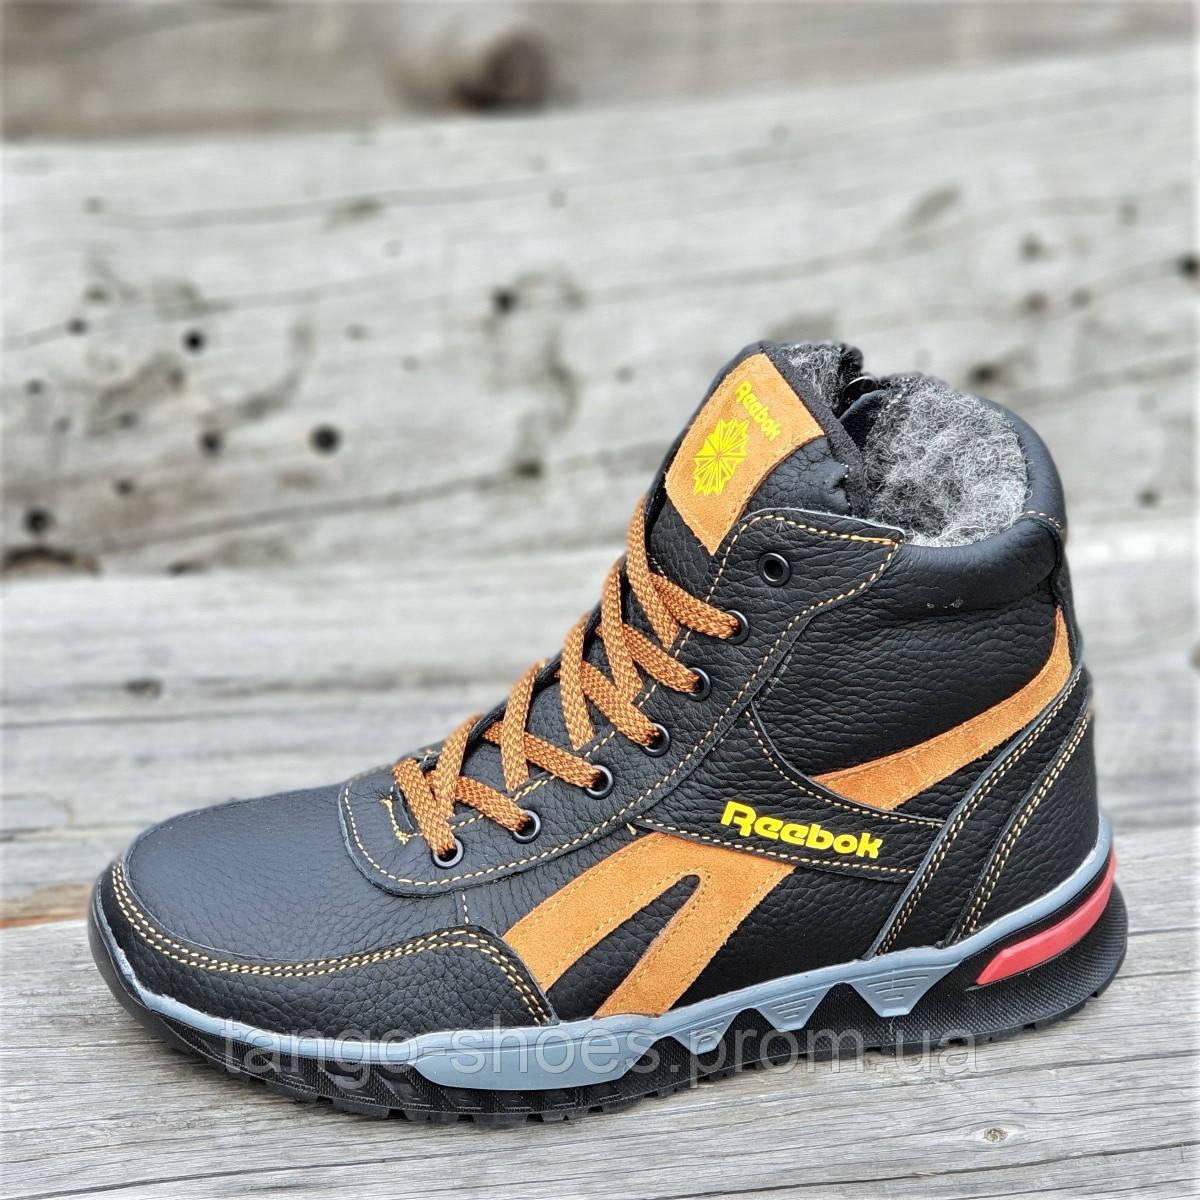 Подростковые зимние высокие кожаные кроссовки ботинки Reebok рибок реплика  мужские черные мех (Код  Т1256 1d18636c618cc